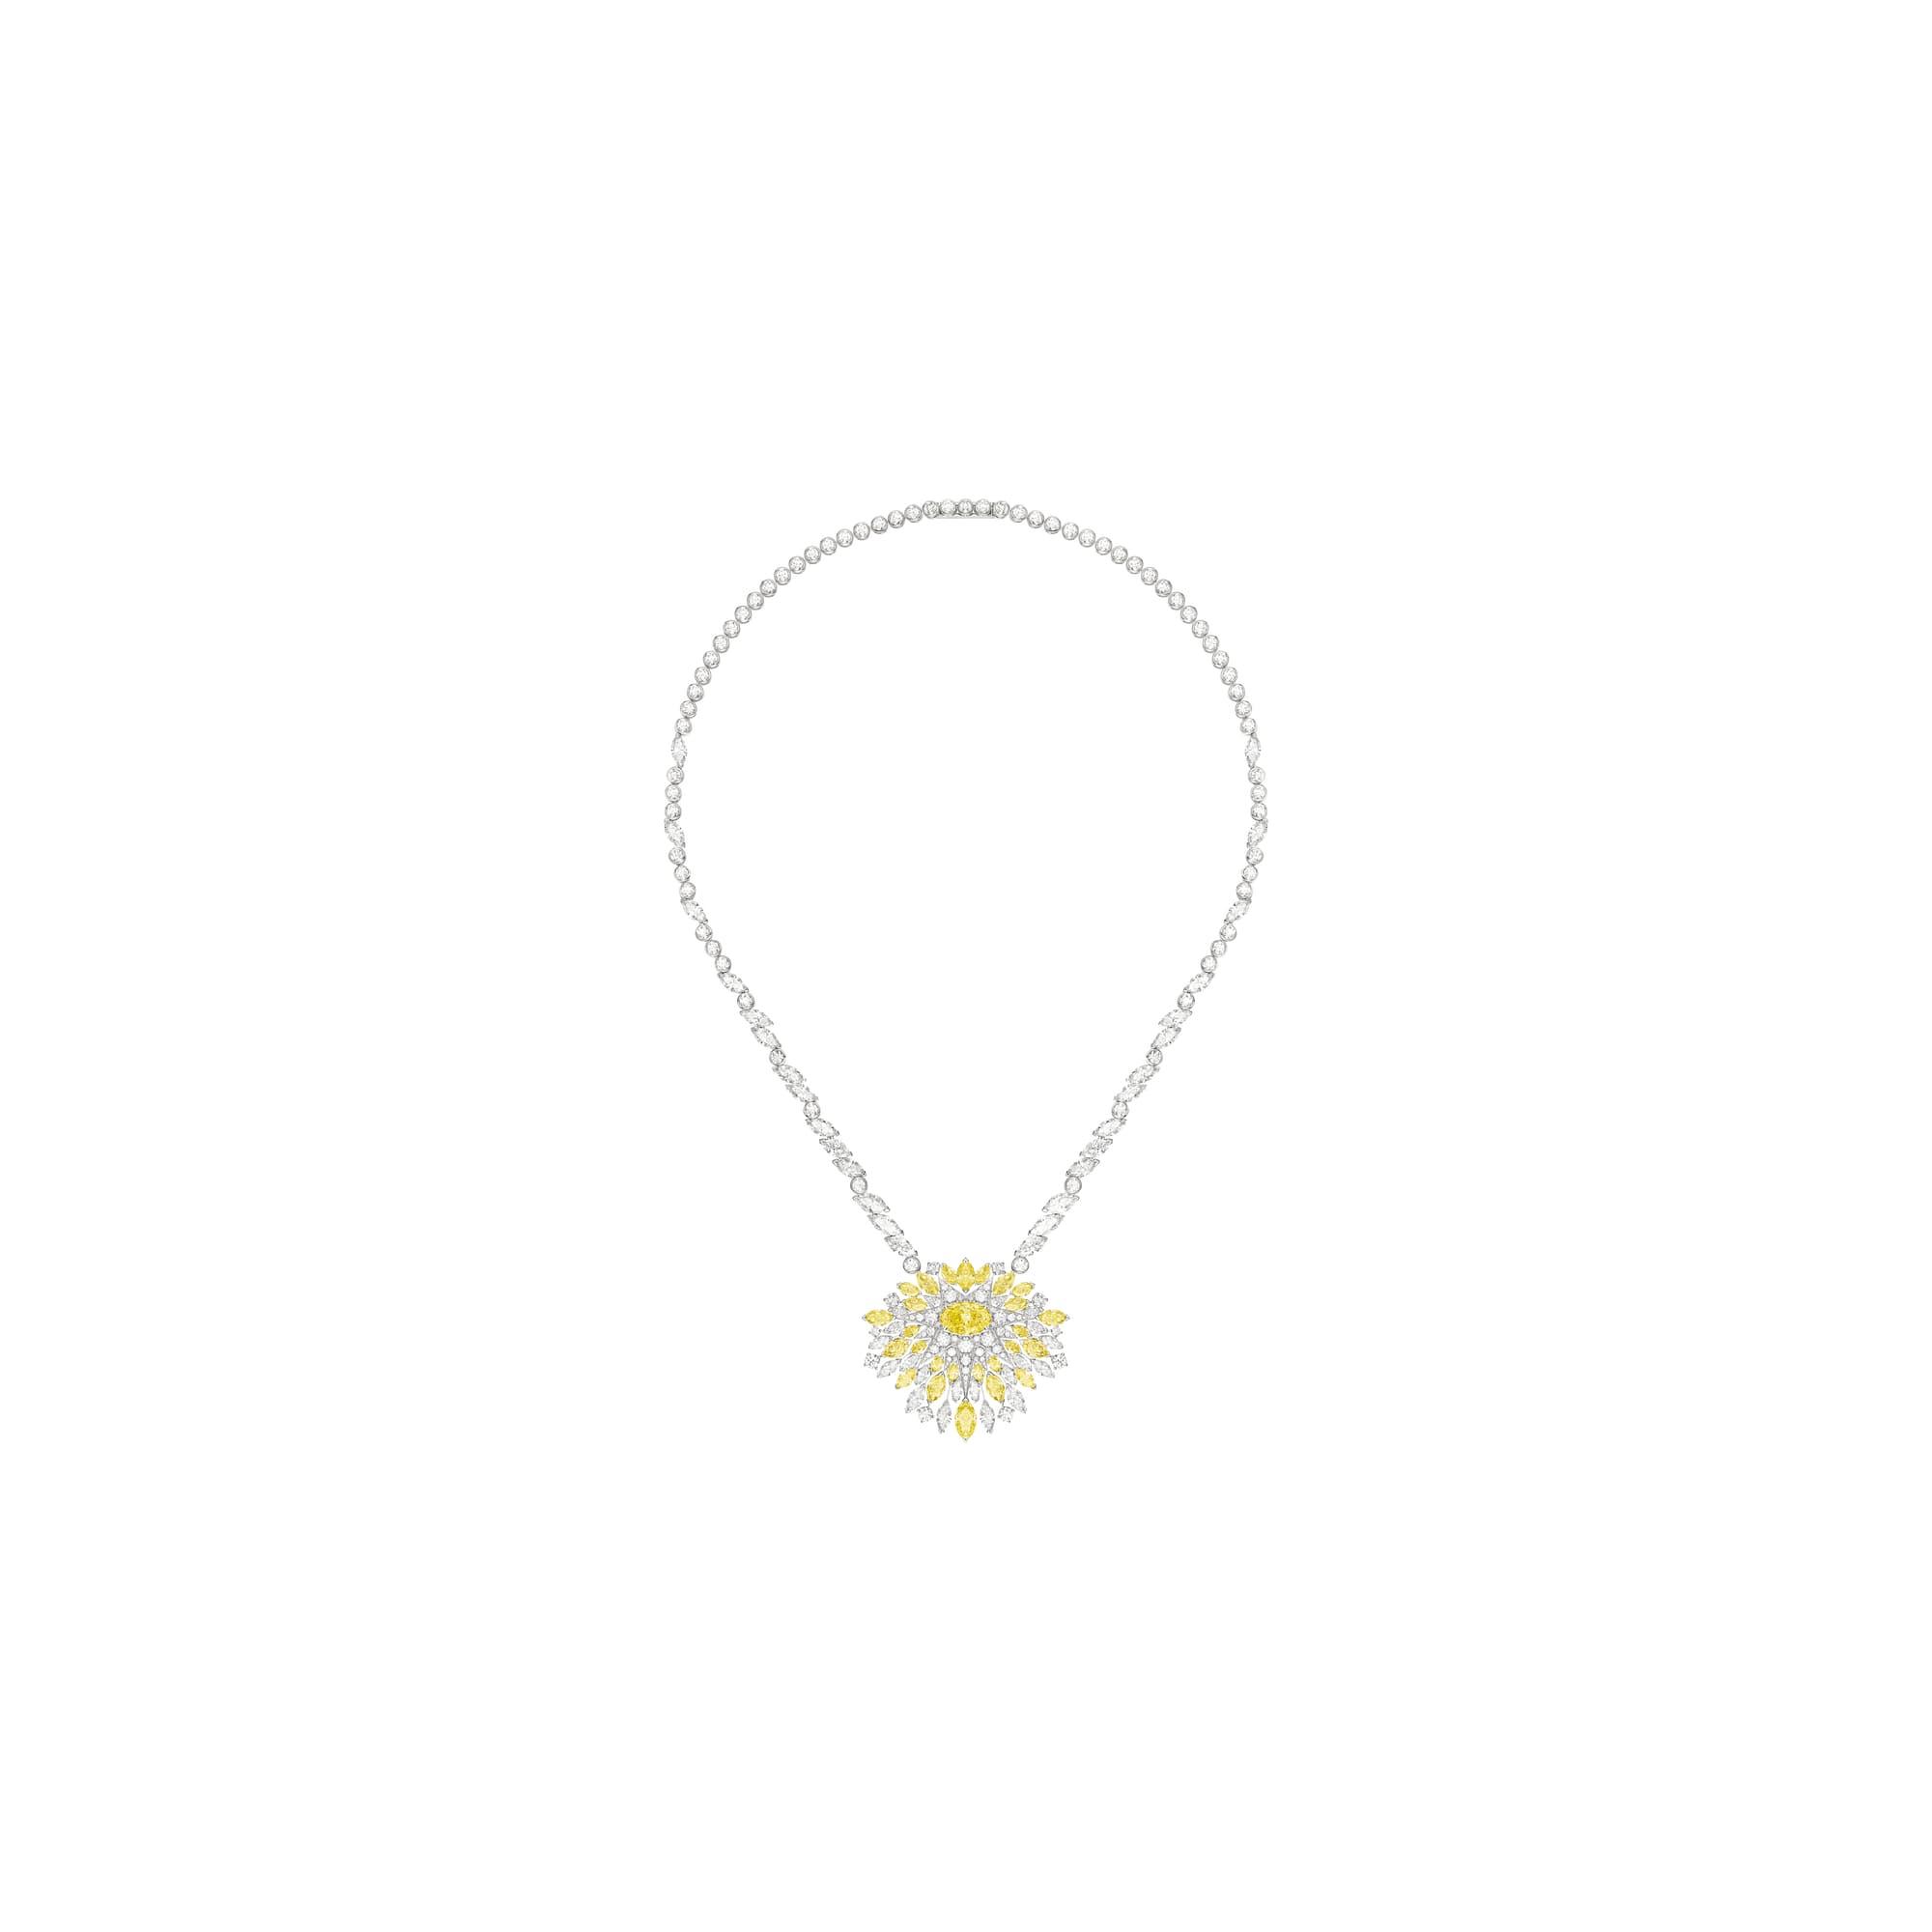 高级珠宝白金钻石项链